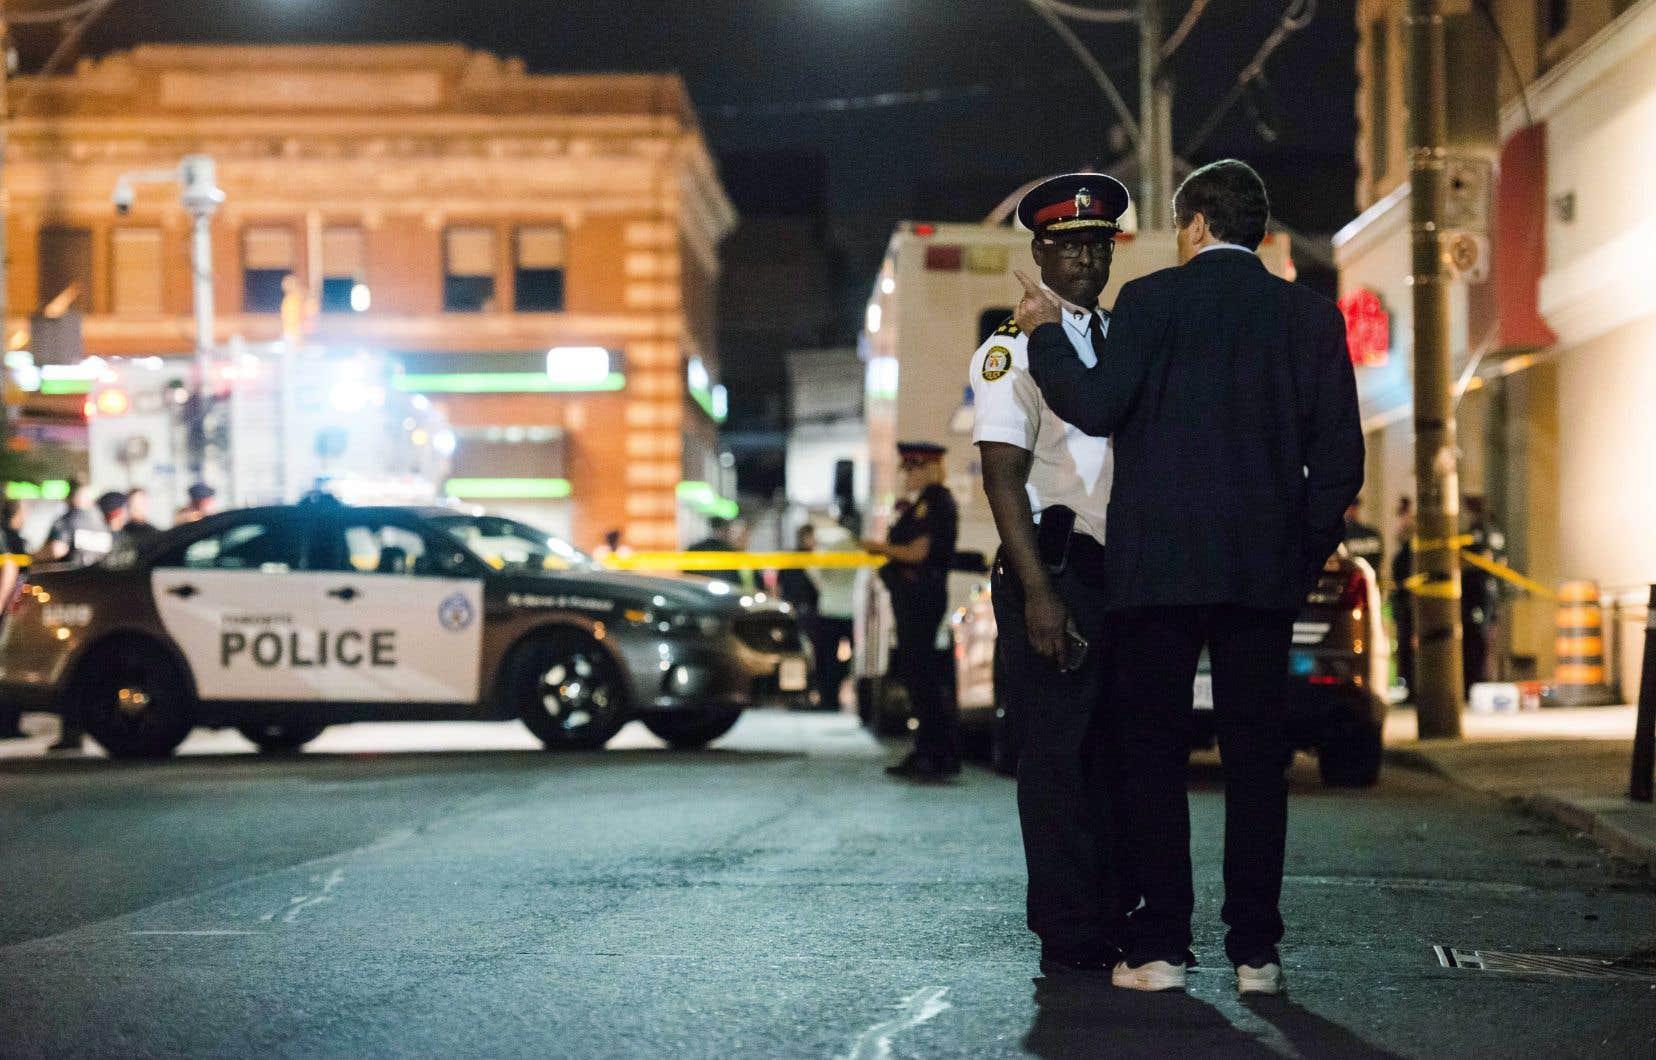 Le chef de la Police de Toronto, Mark Saunders, discute avec le maire John Tory, à proximité des lieux du crime.